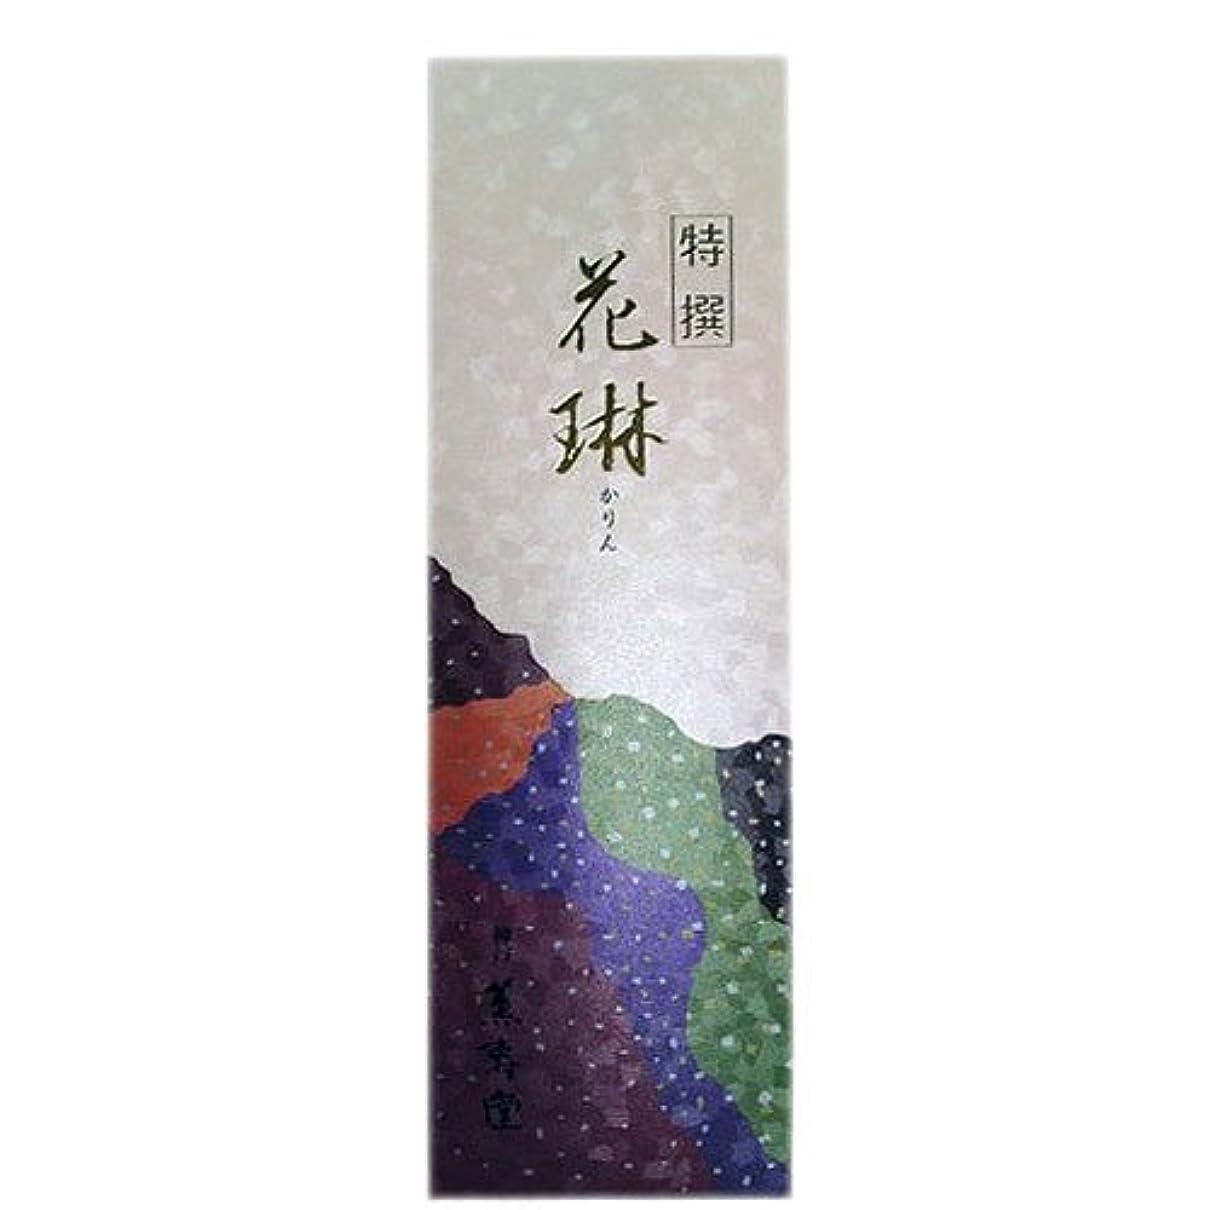 夕食を食べるオプショナル一節薫寿堂 特撰花琳 スリム 018 30g